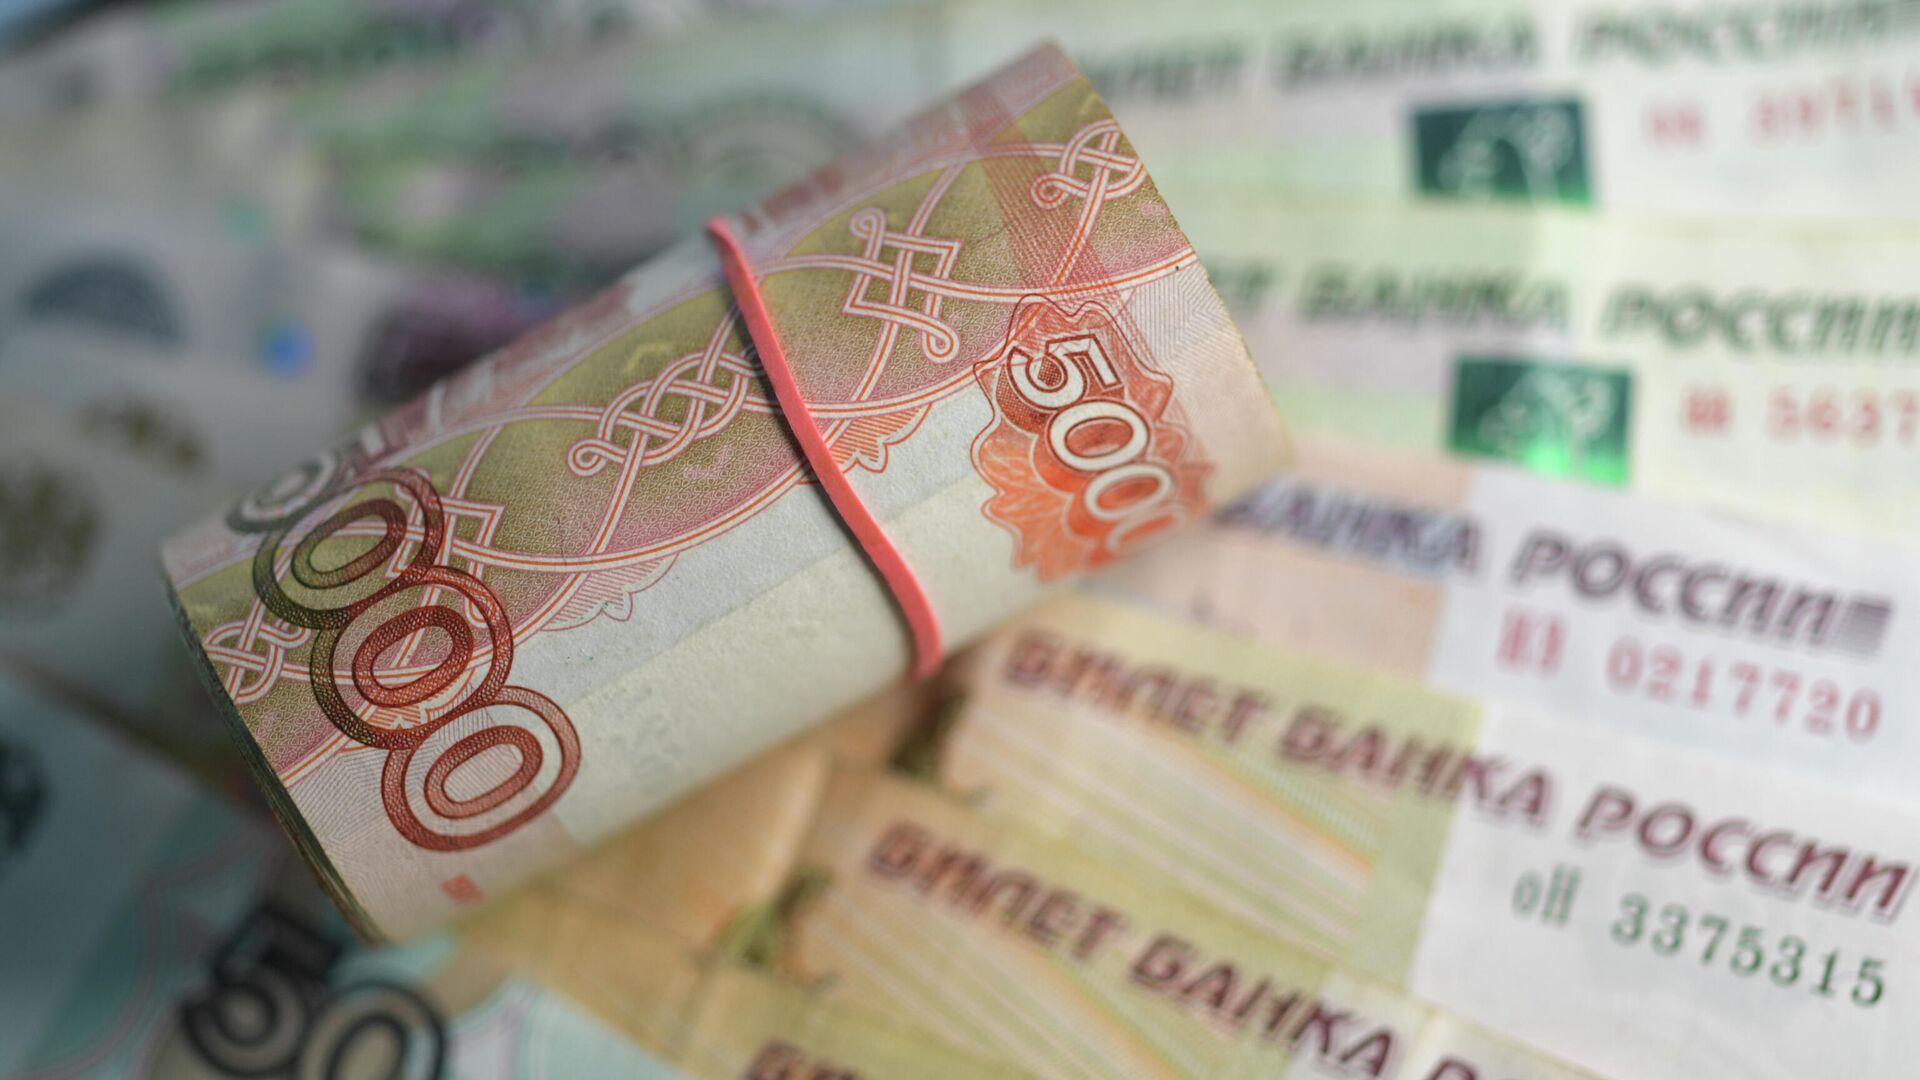 Юрист предупредил о неожиданных рисках потери ваших денег